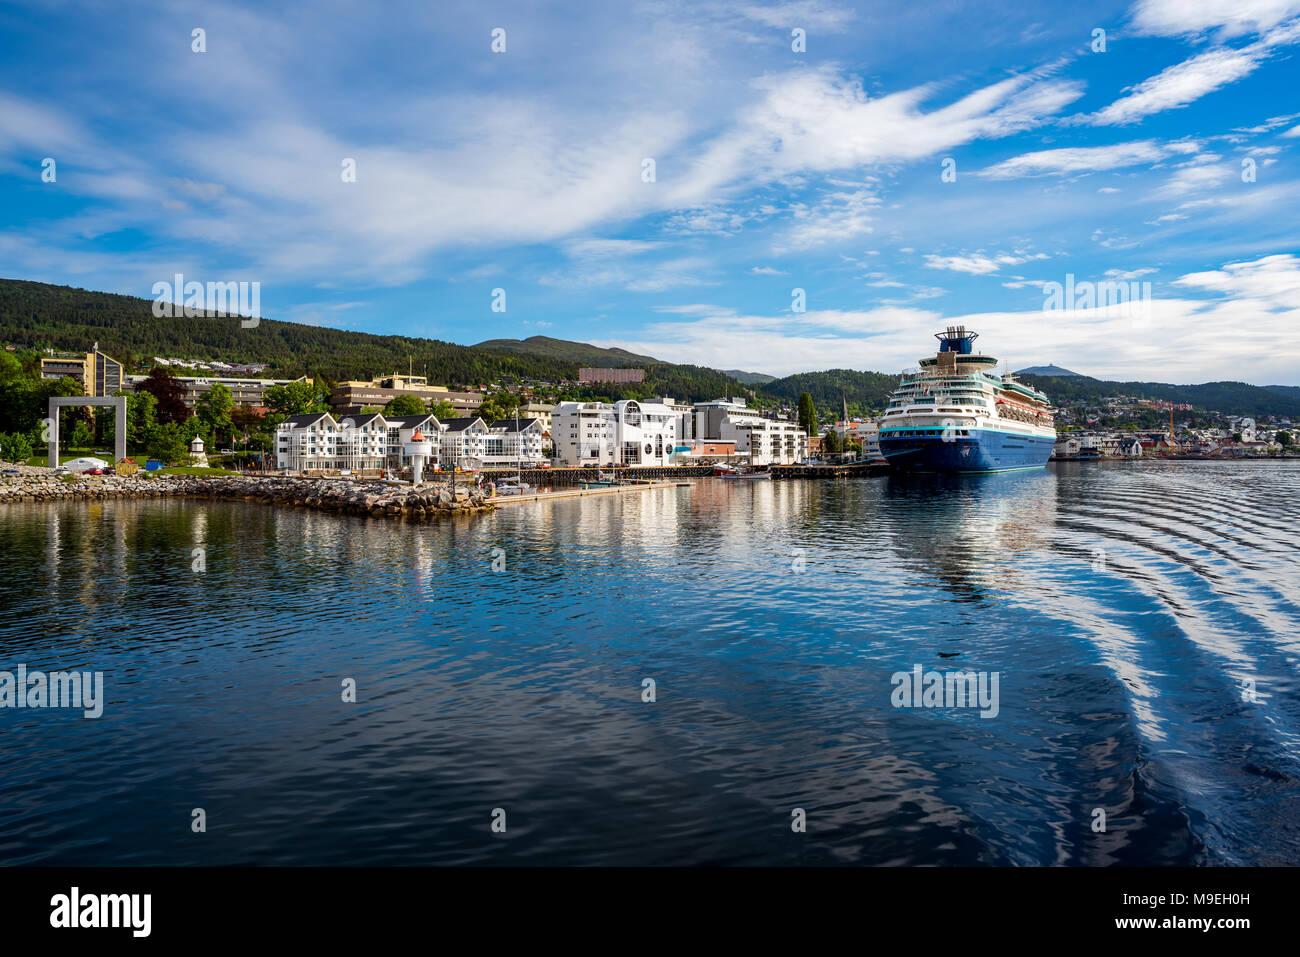 Molde en Romsdal, Noruega. El molde tiene un clima marítimo templado, con el fresco de veranos cálidos e inviernos relativamente leve. La ciudad es conocida como la T Imagen De Stock